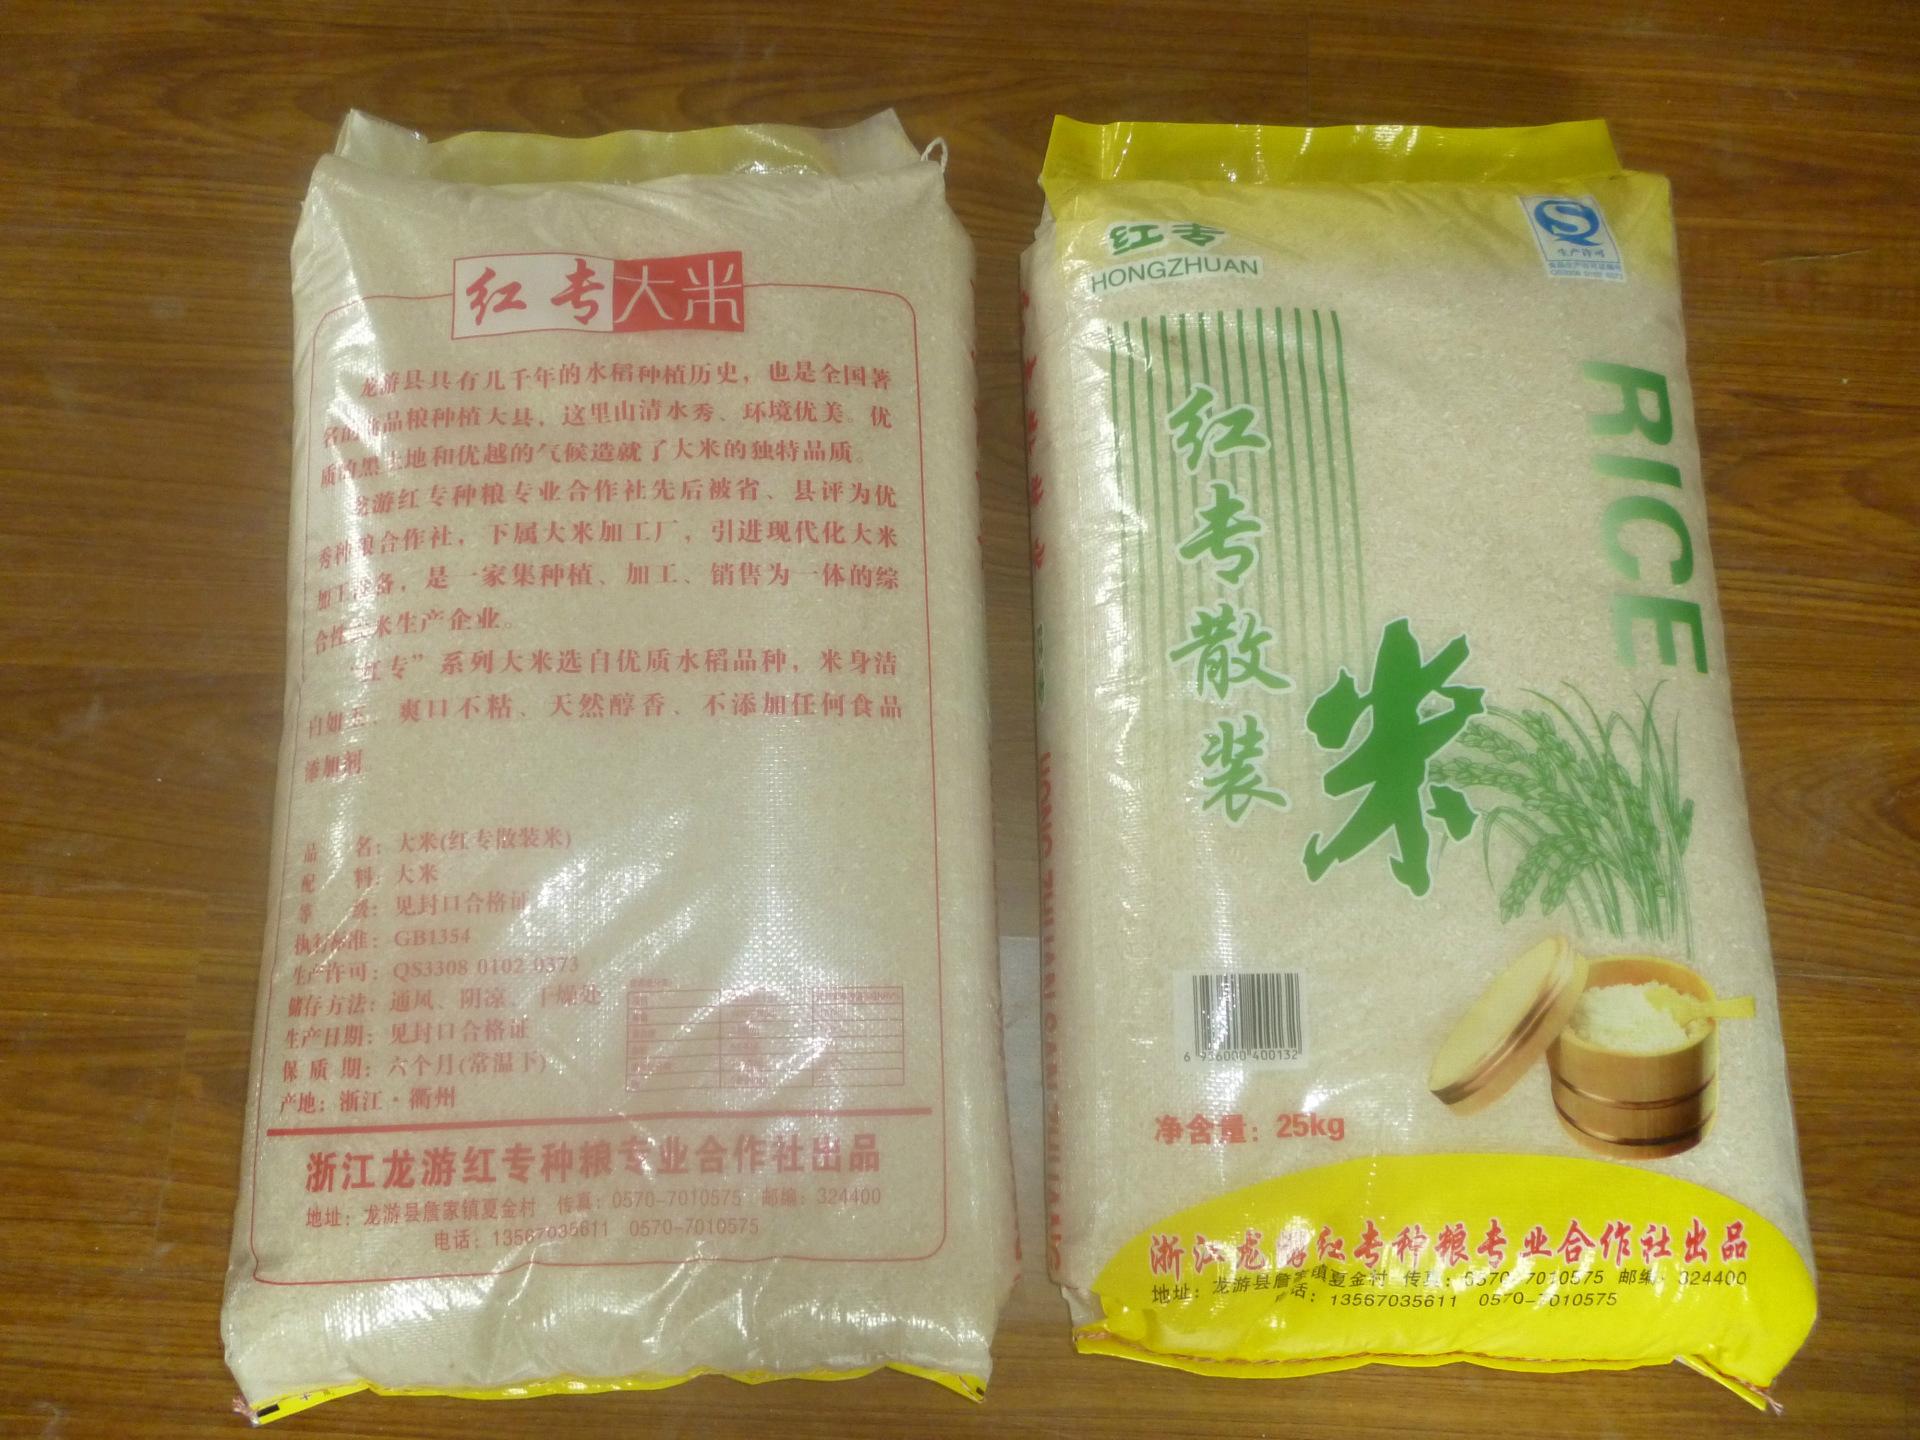 天然富硒彩米 绿色健康富硒有机大米 厂家直销 红专精制米